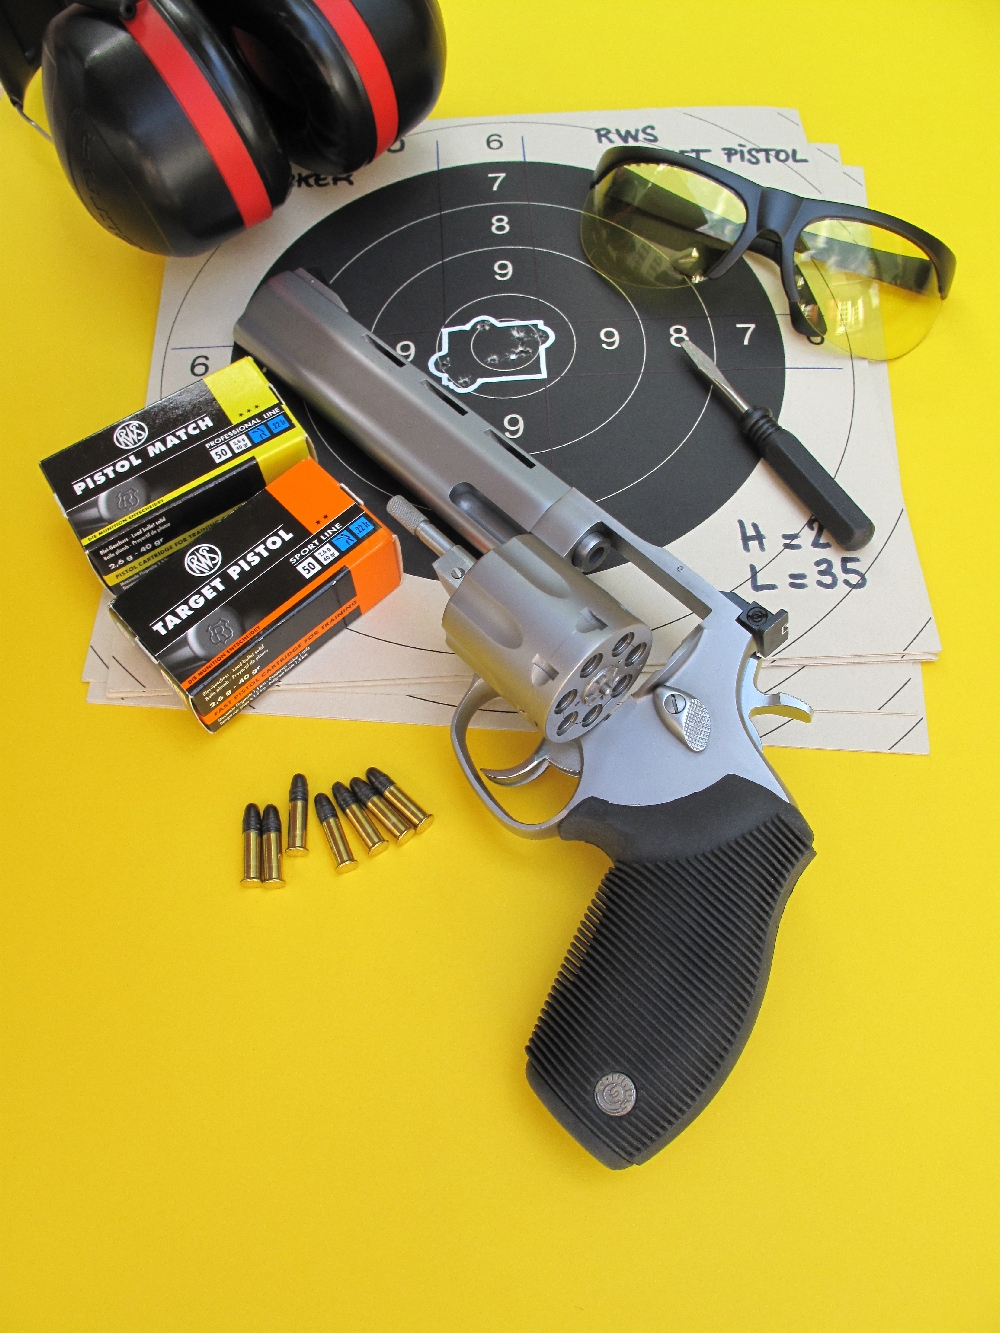 Le Taurus 970 « Tracker », revolver à sept coups de calibre .22 Long Rifle, se démarque par sa fabrication en acier inoxydable massif et par son canon lourd, qui intègre une bande ventilée dans sa partie supérieure et un contrepoids intégral, lequel court tout le long de sa partie inférieure.